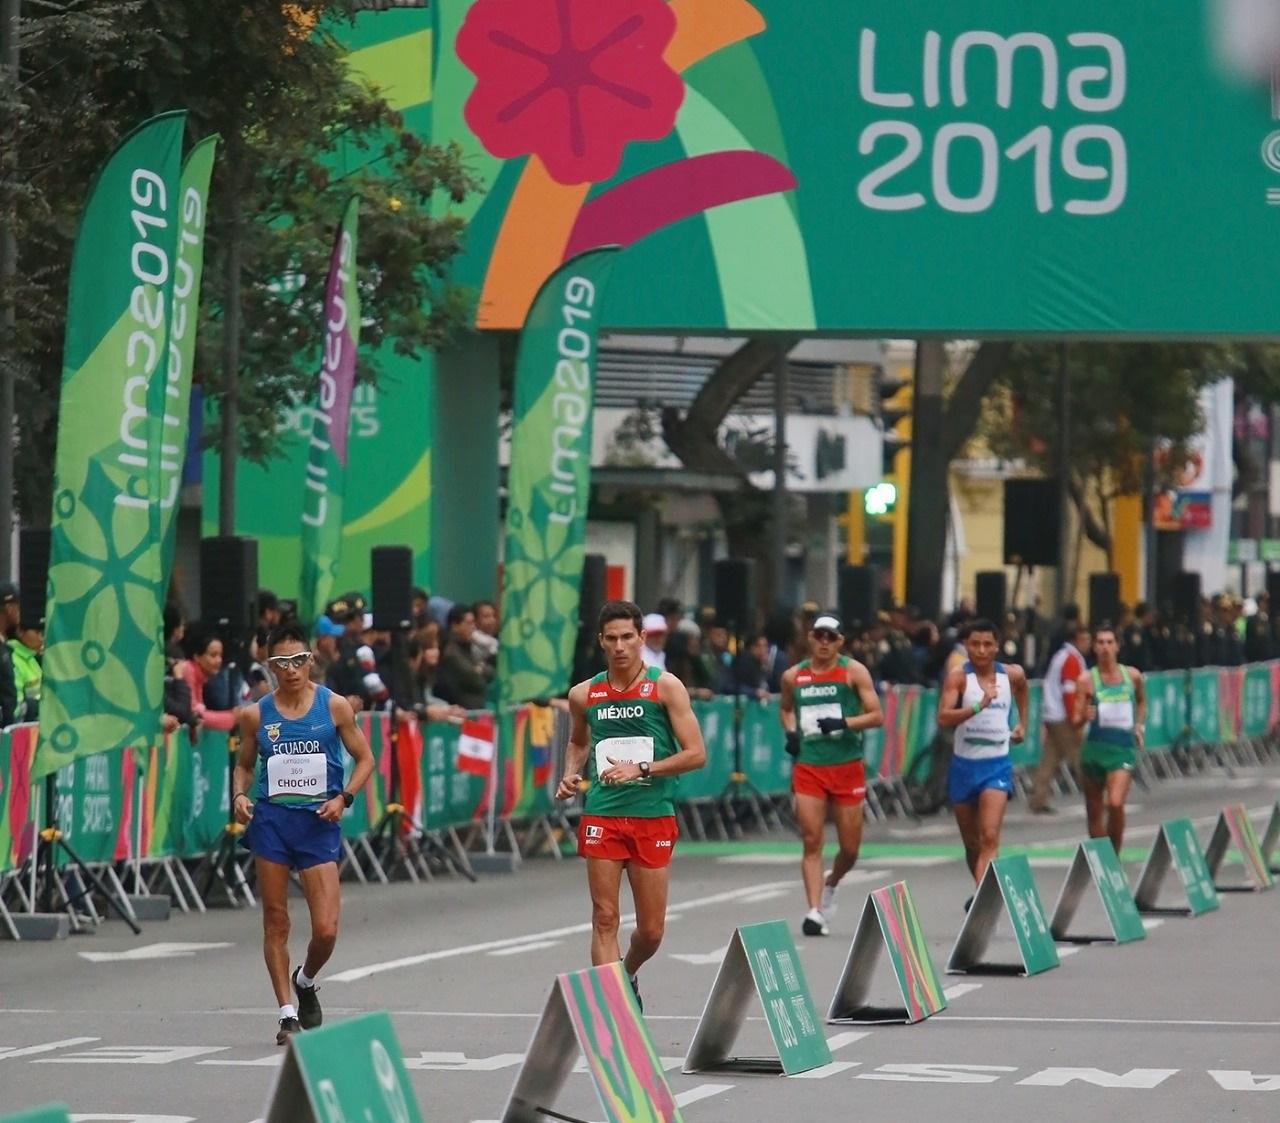 Broche de plata para Horacio Nava en la marcha de Lima 2019